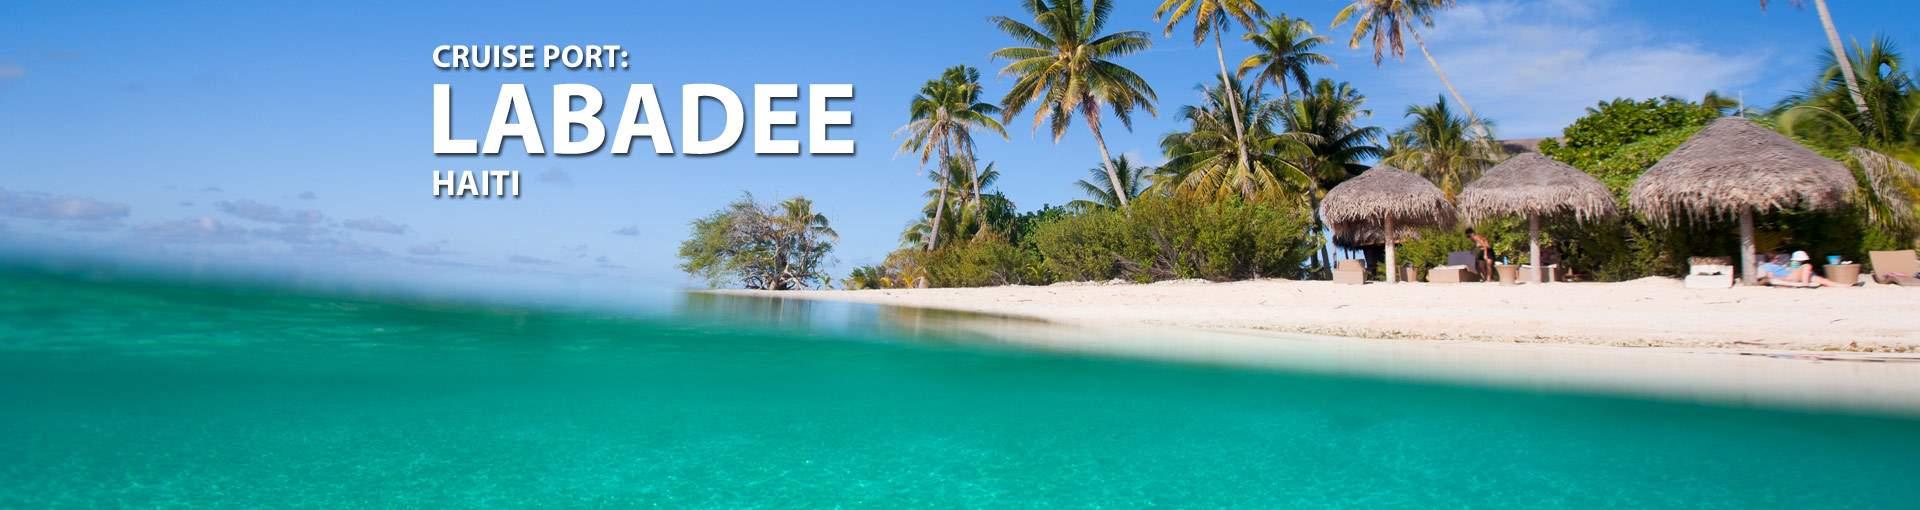 Cruises to Labadee (Labadie), Haiti